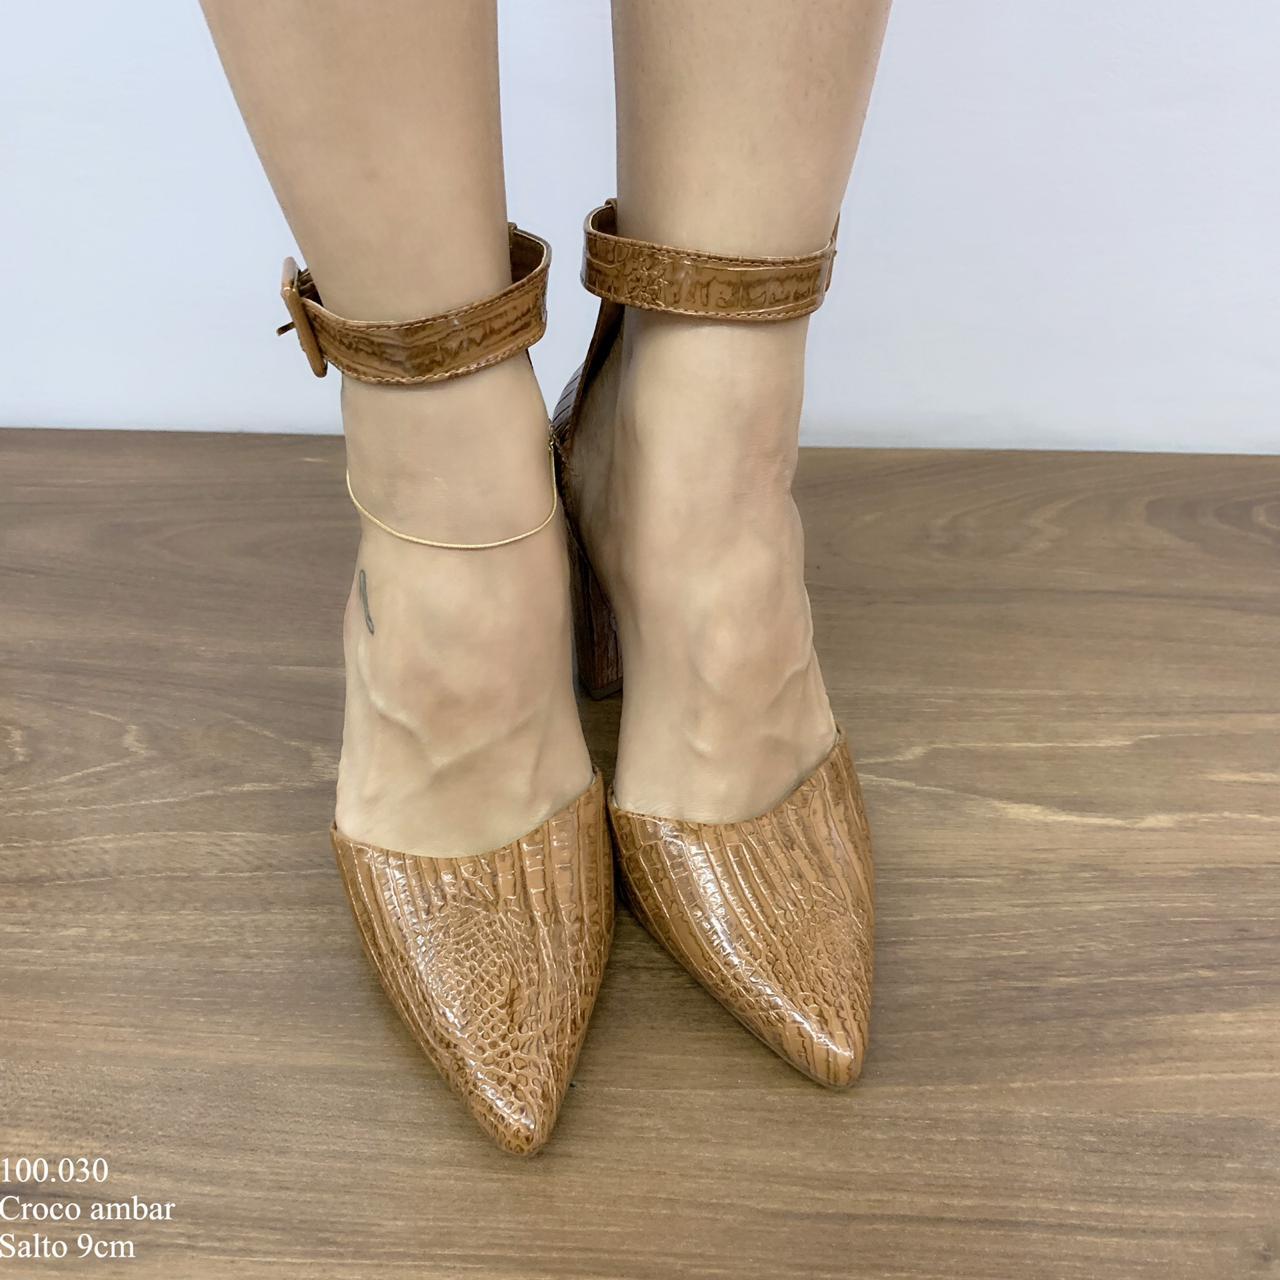 Sapato Scarpin Aberto Ambar Croco    D-100.030